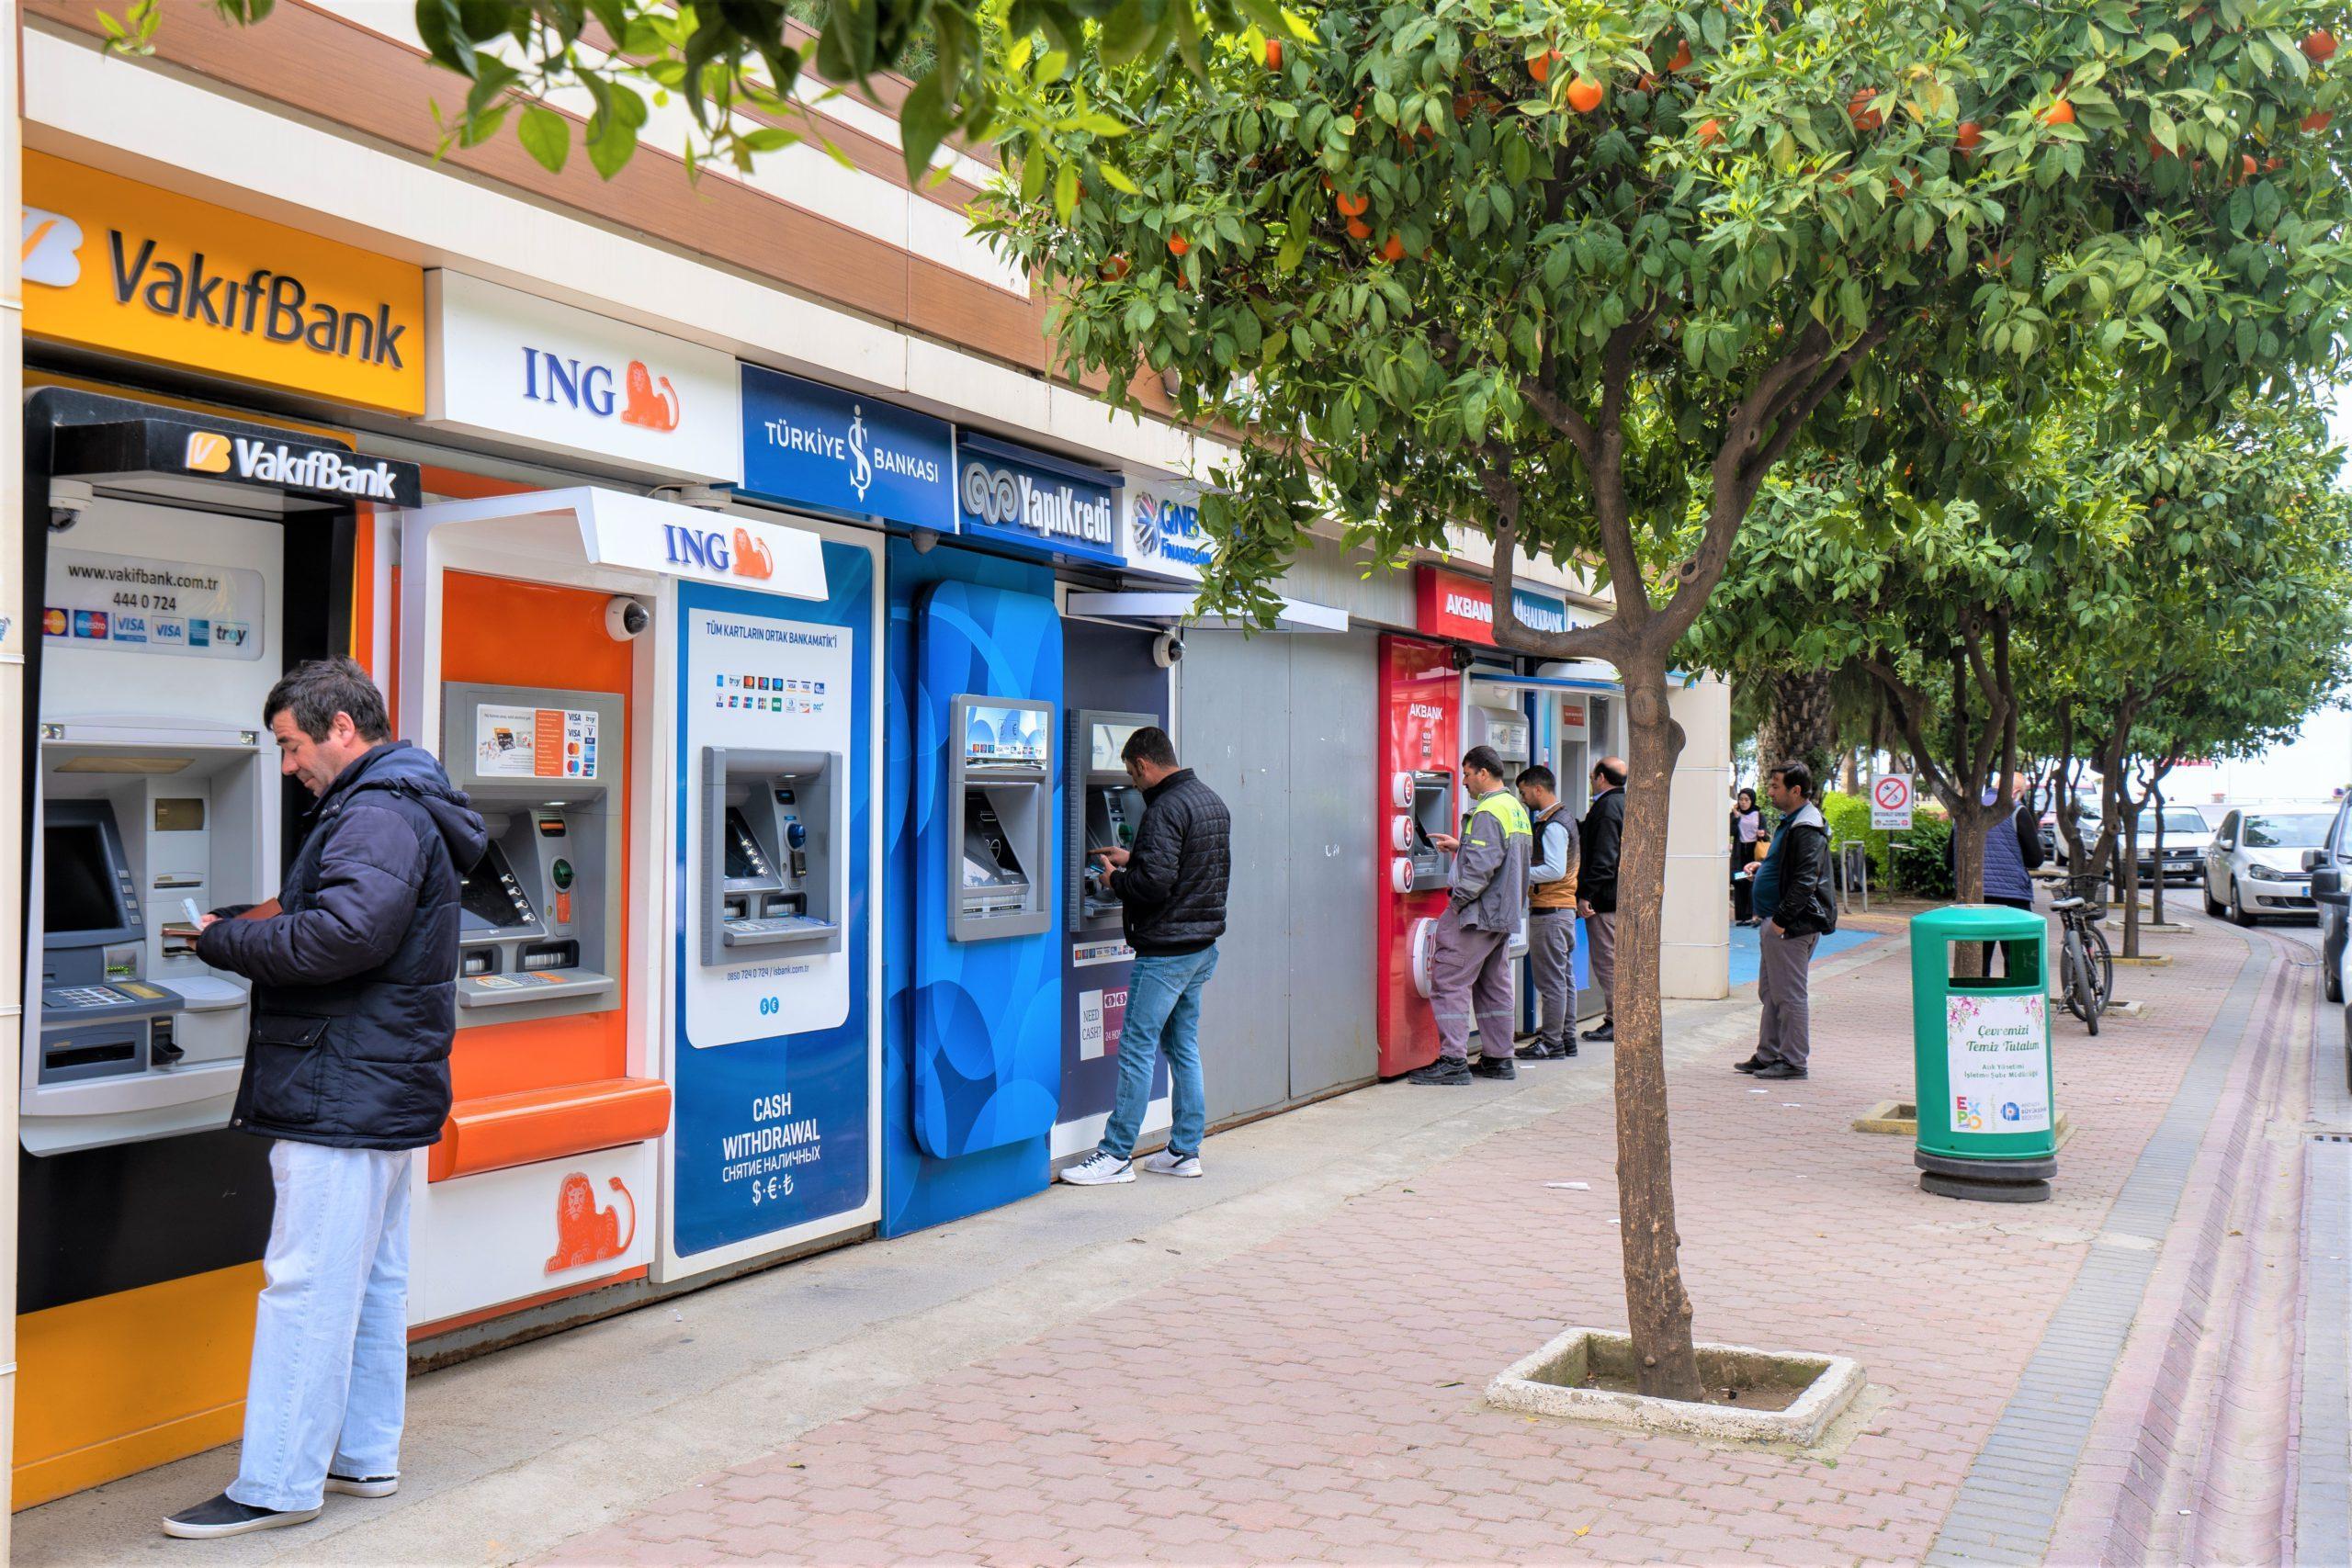 Банкоматы в Турции